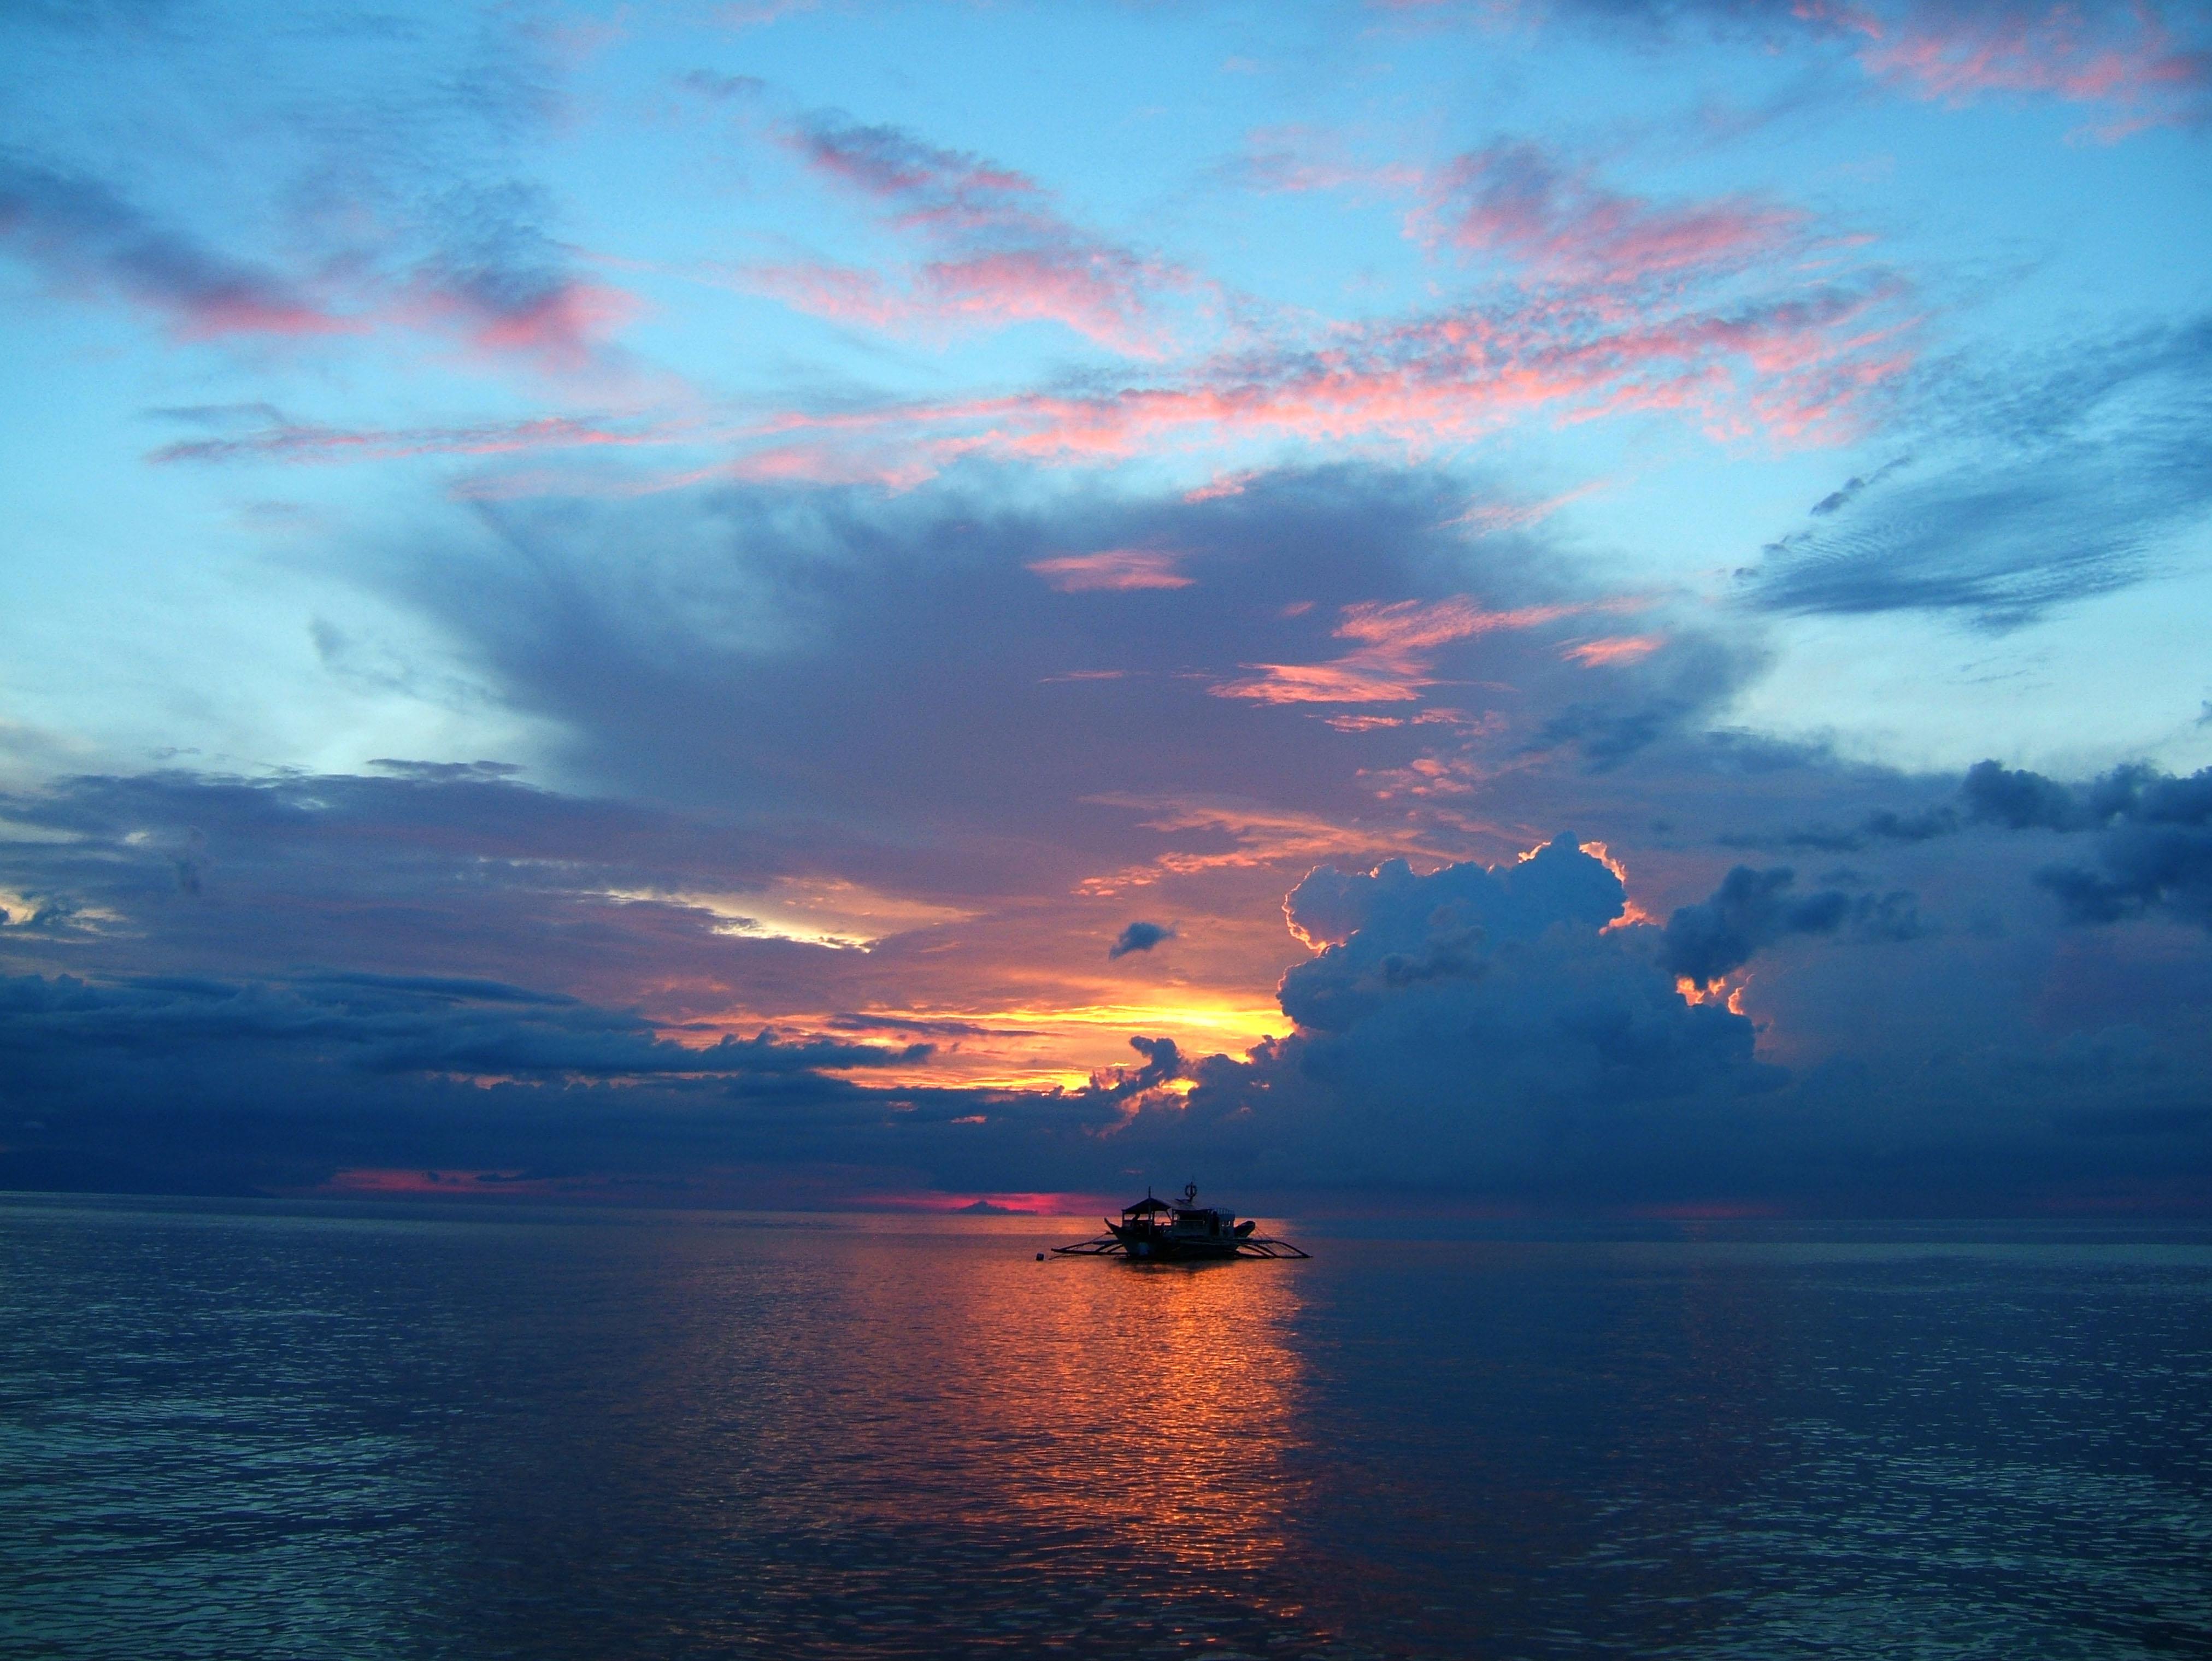 Sunset Philippines Mindoro White Beach 09